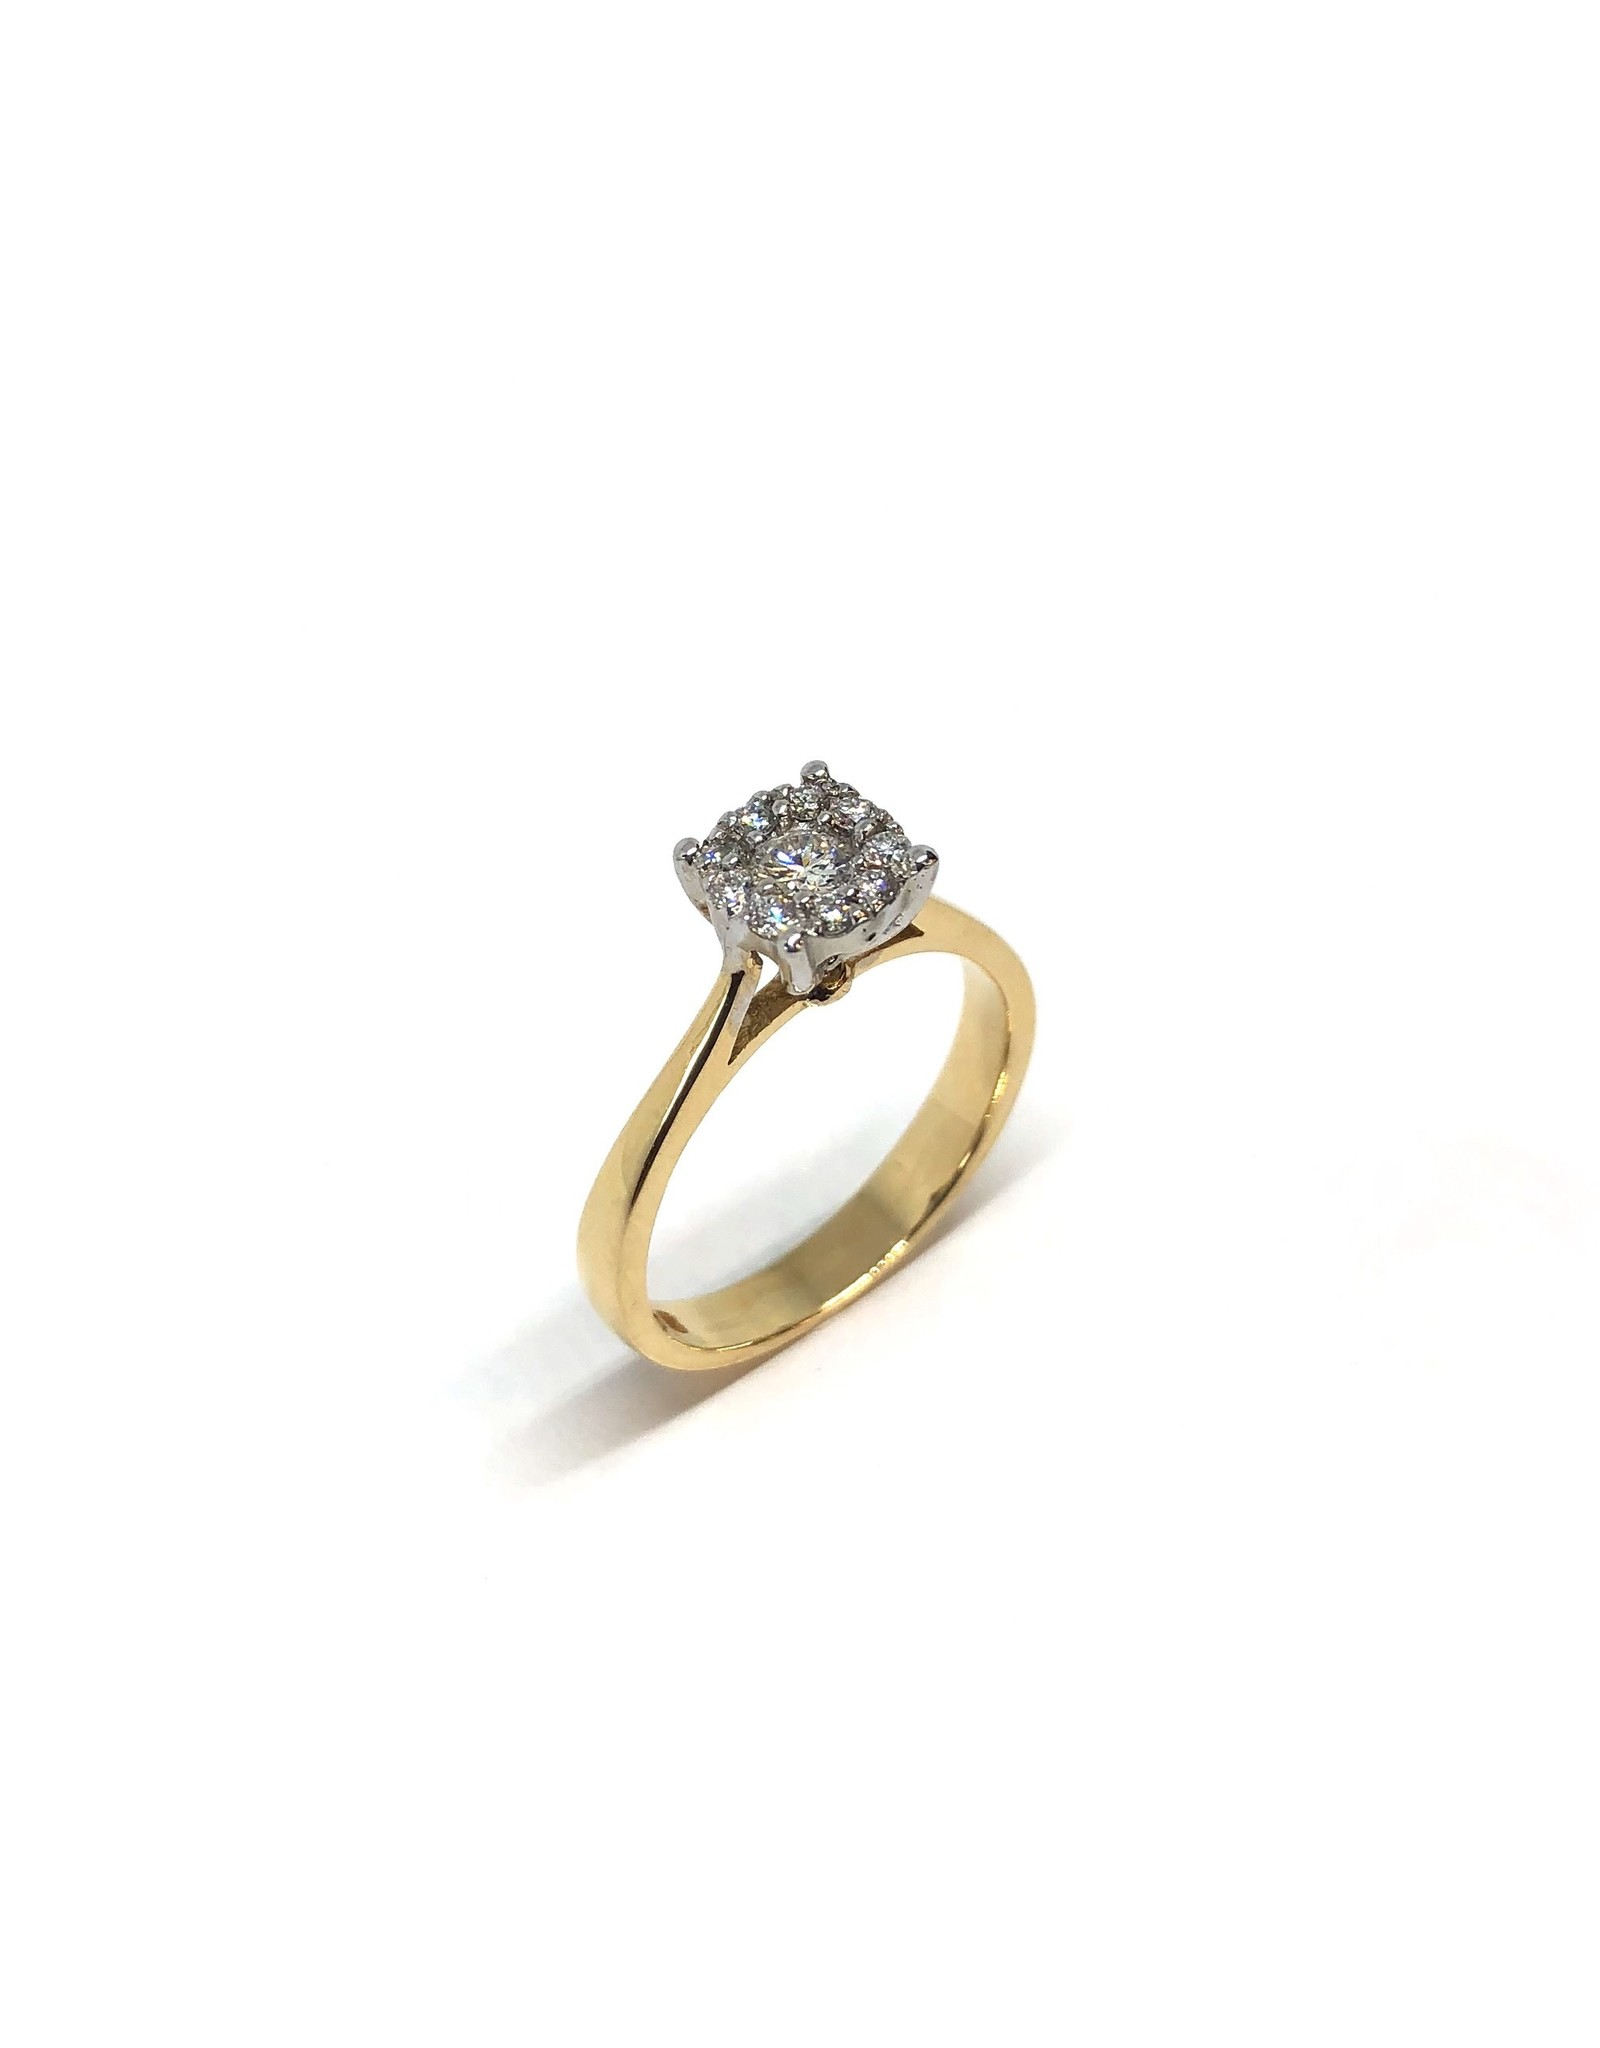 PARÉ Bague solitaire illusion Or 14K avec diamants